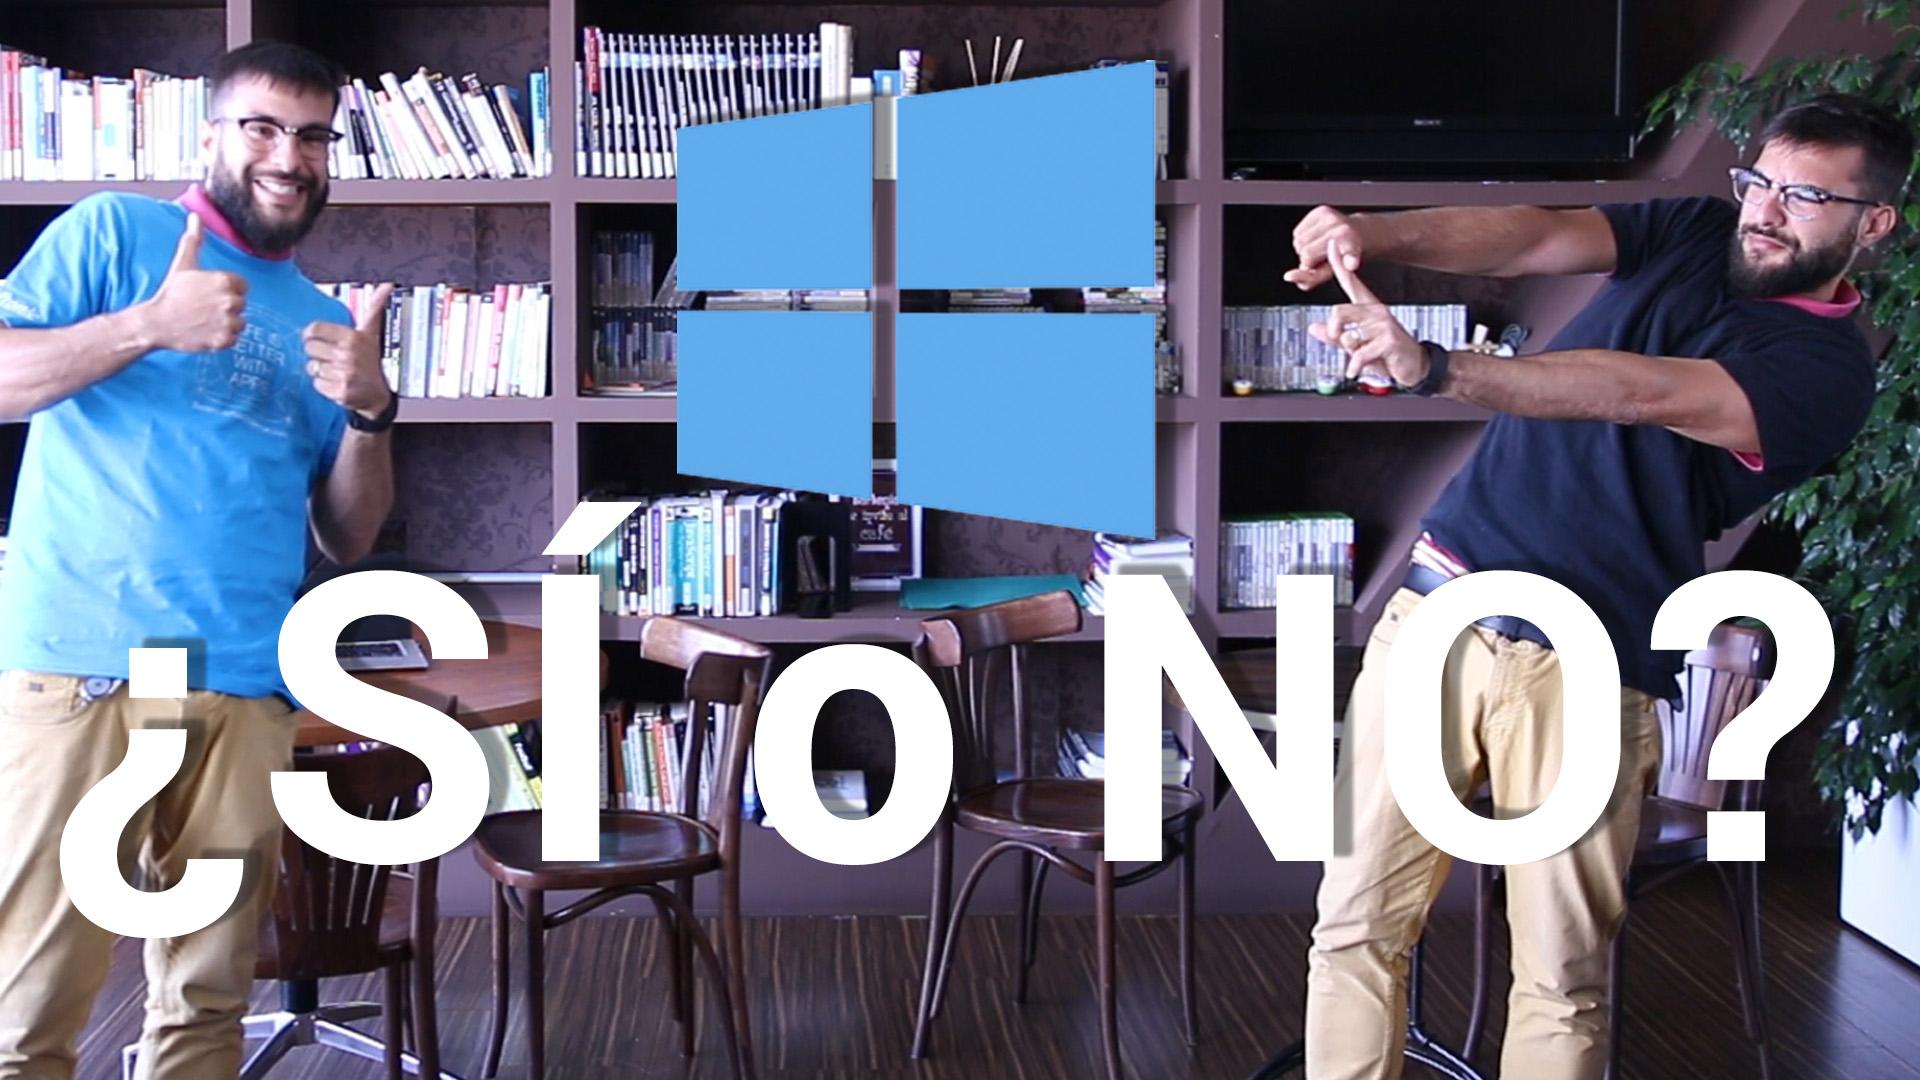 Actualizar a Windows 10: ¿Sí o No? 5 Pros y 5 Contras